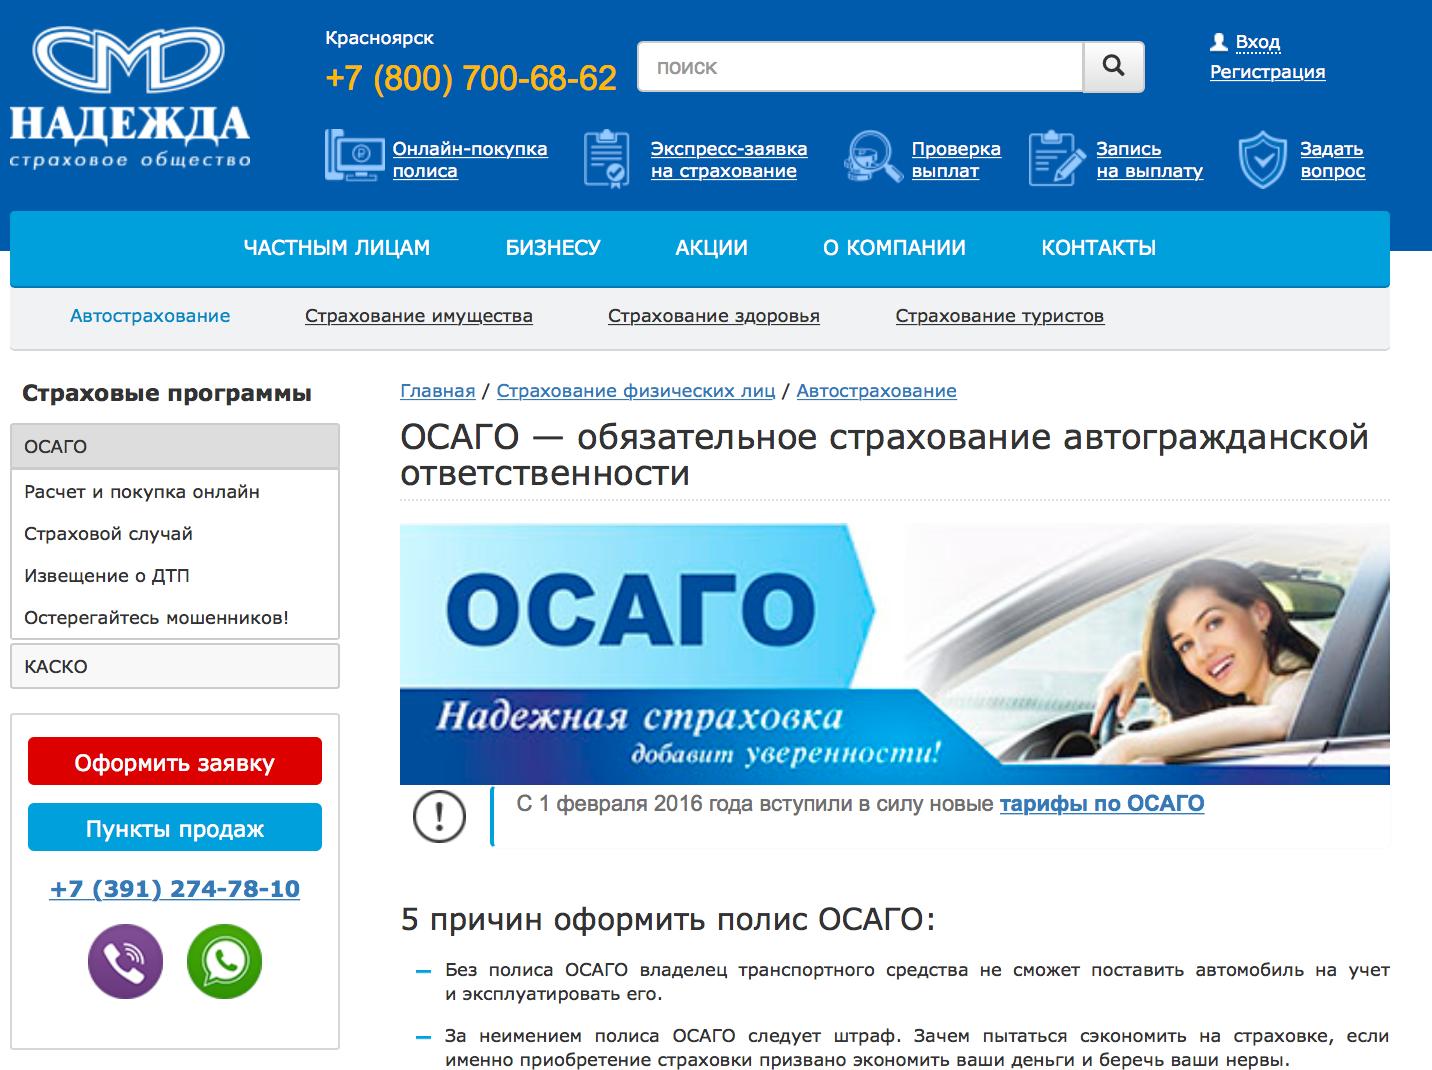 Сайты страховых компаний по осаго сайты авто компаний